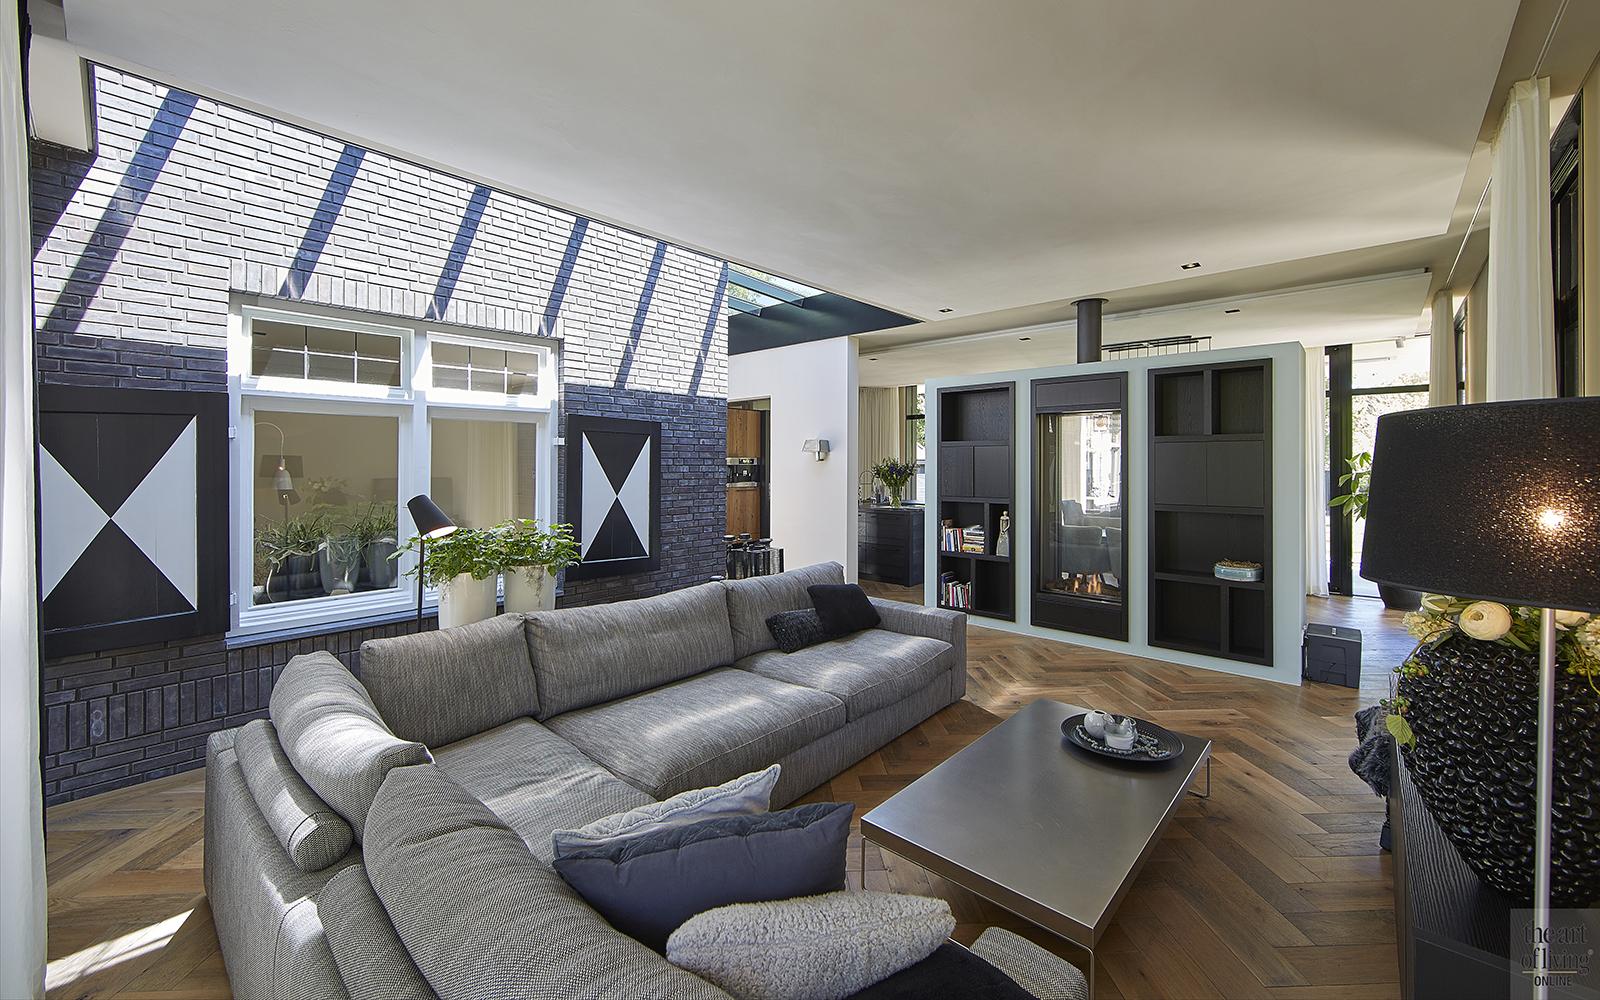 Van der Linde, Modern en Hedendaags, Architectenbureau, Verbouwing, Herenhuis, Interieur, Woonkamer, Living, Lounge, Visgraatvloer